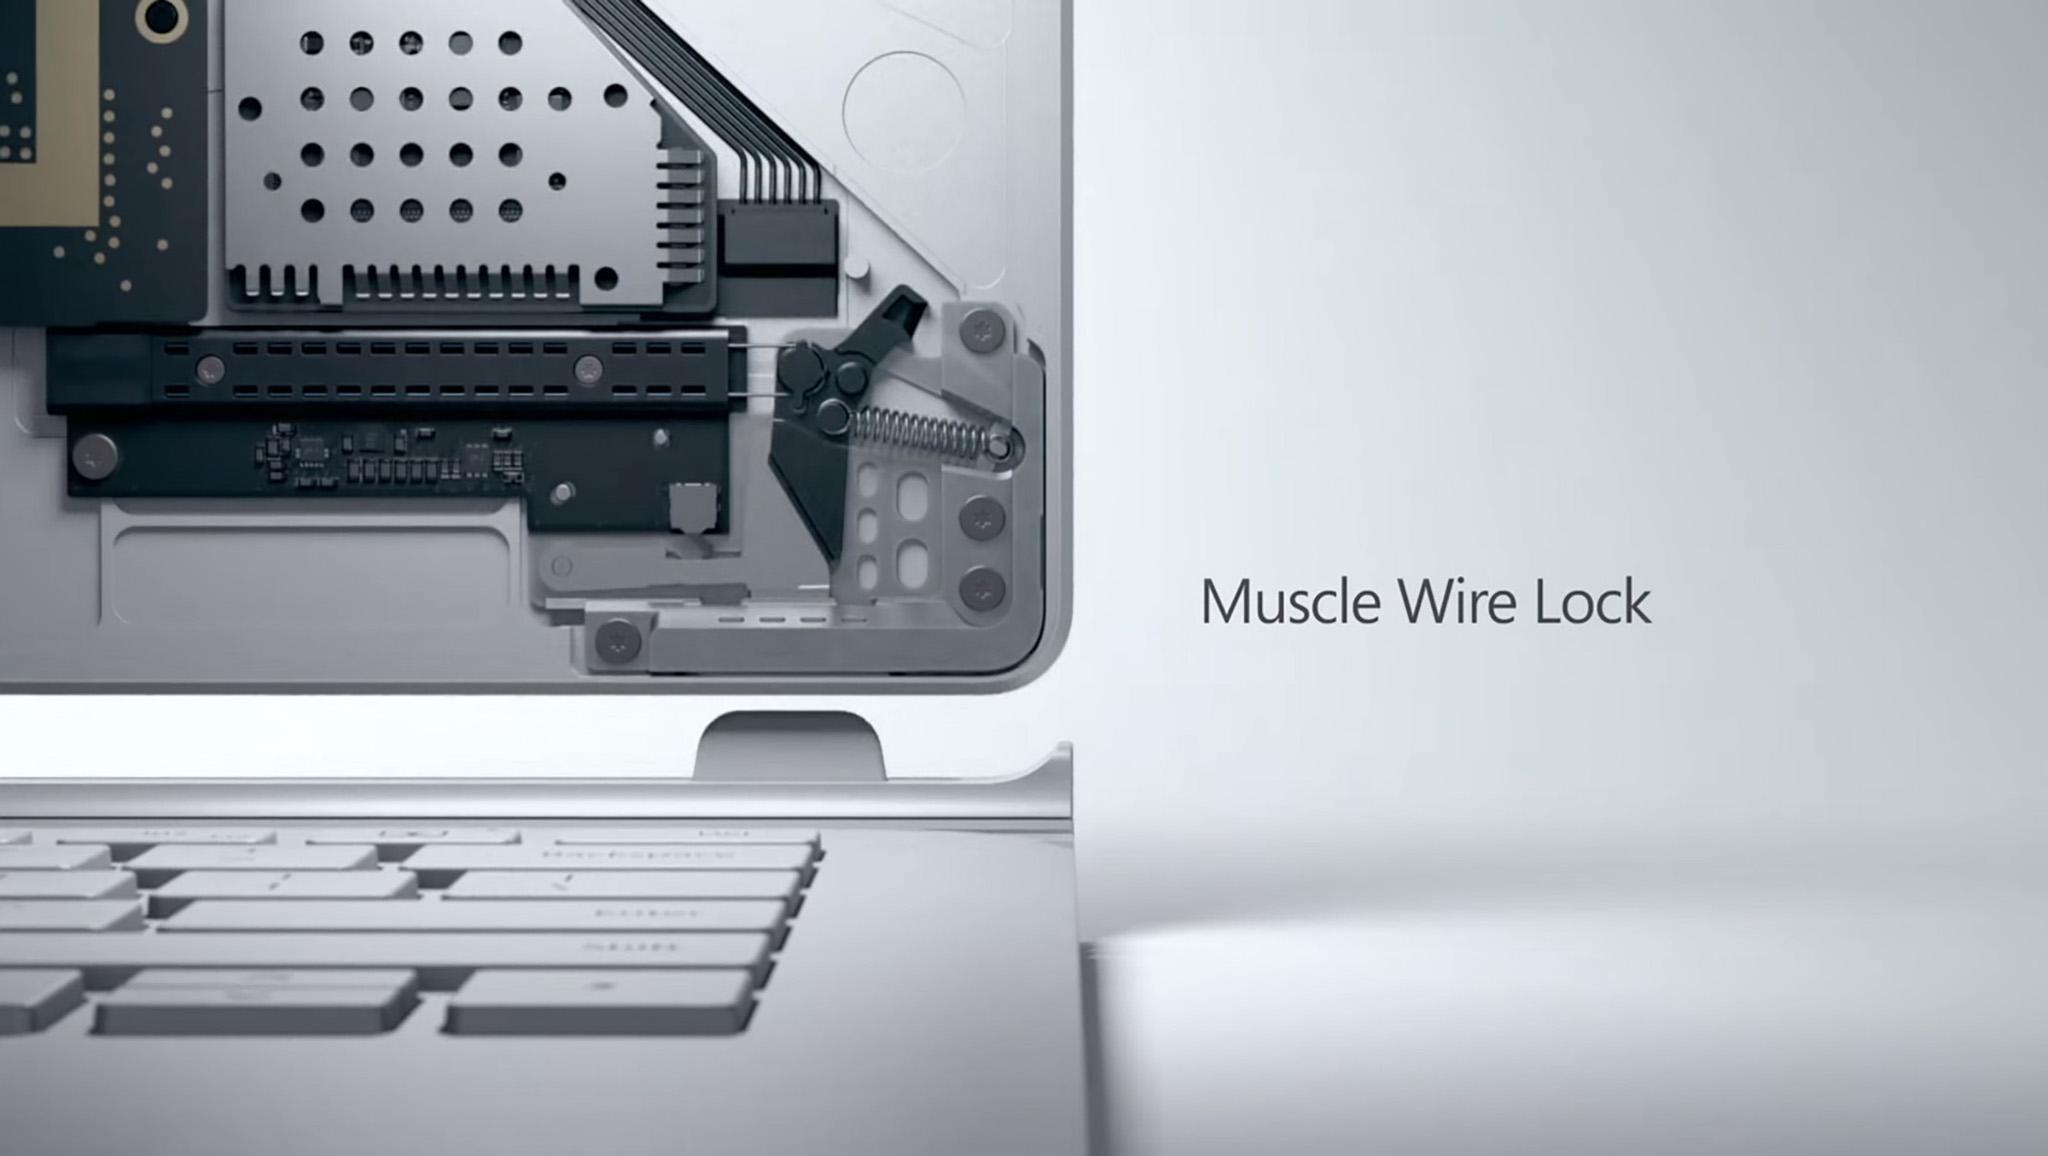 Surface Book bản lề cũ.jpg